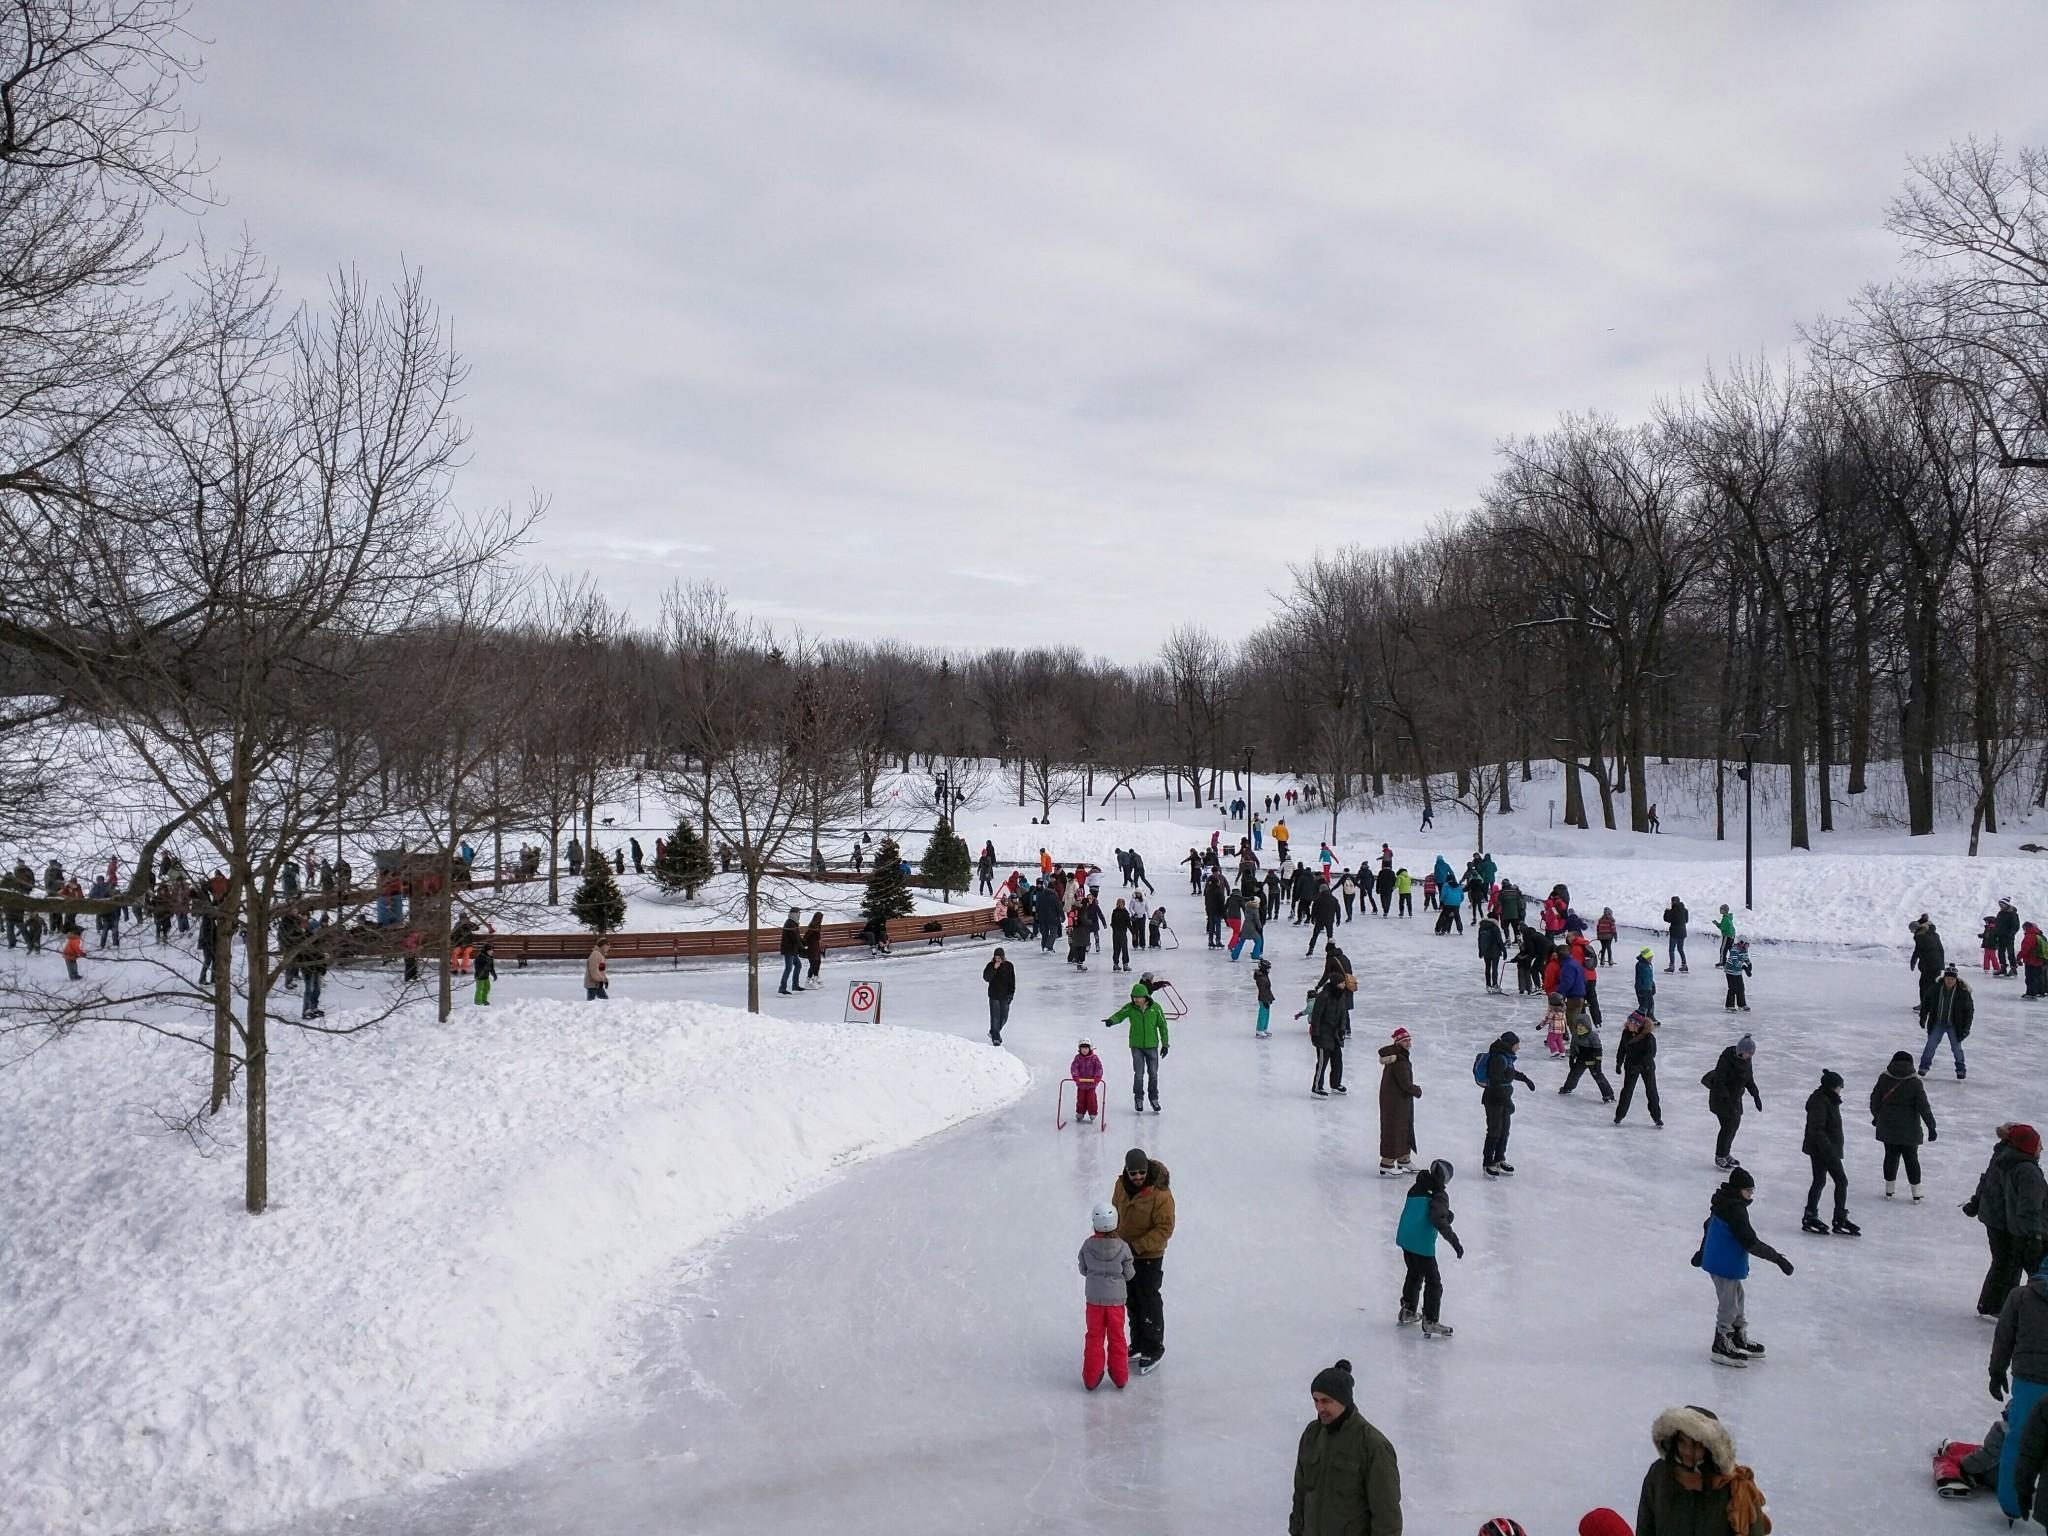 Pattinaggio su ghiaccio al Lago dei Castori (Beaver Lake), Montreal, regione del Quebec, Canada